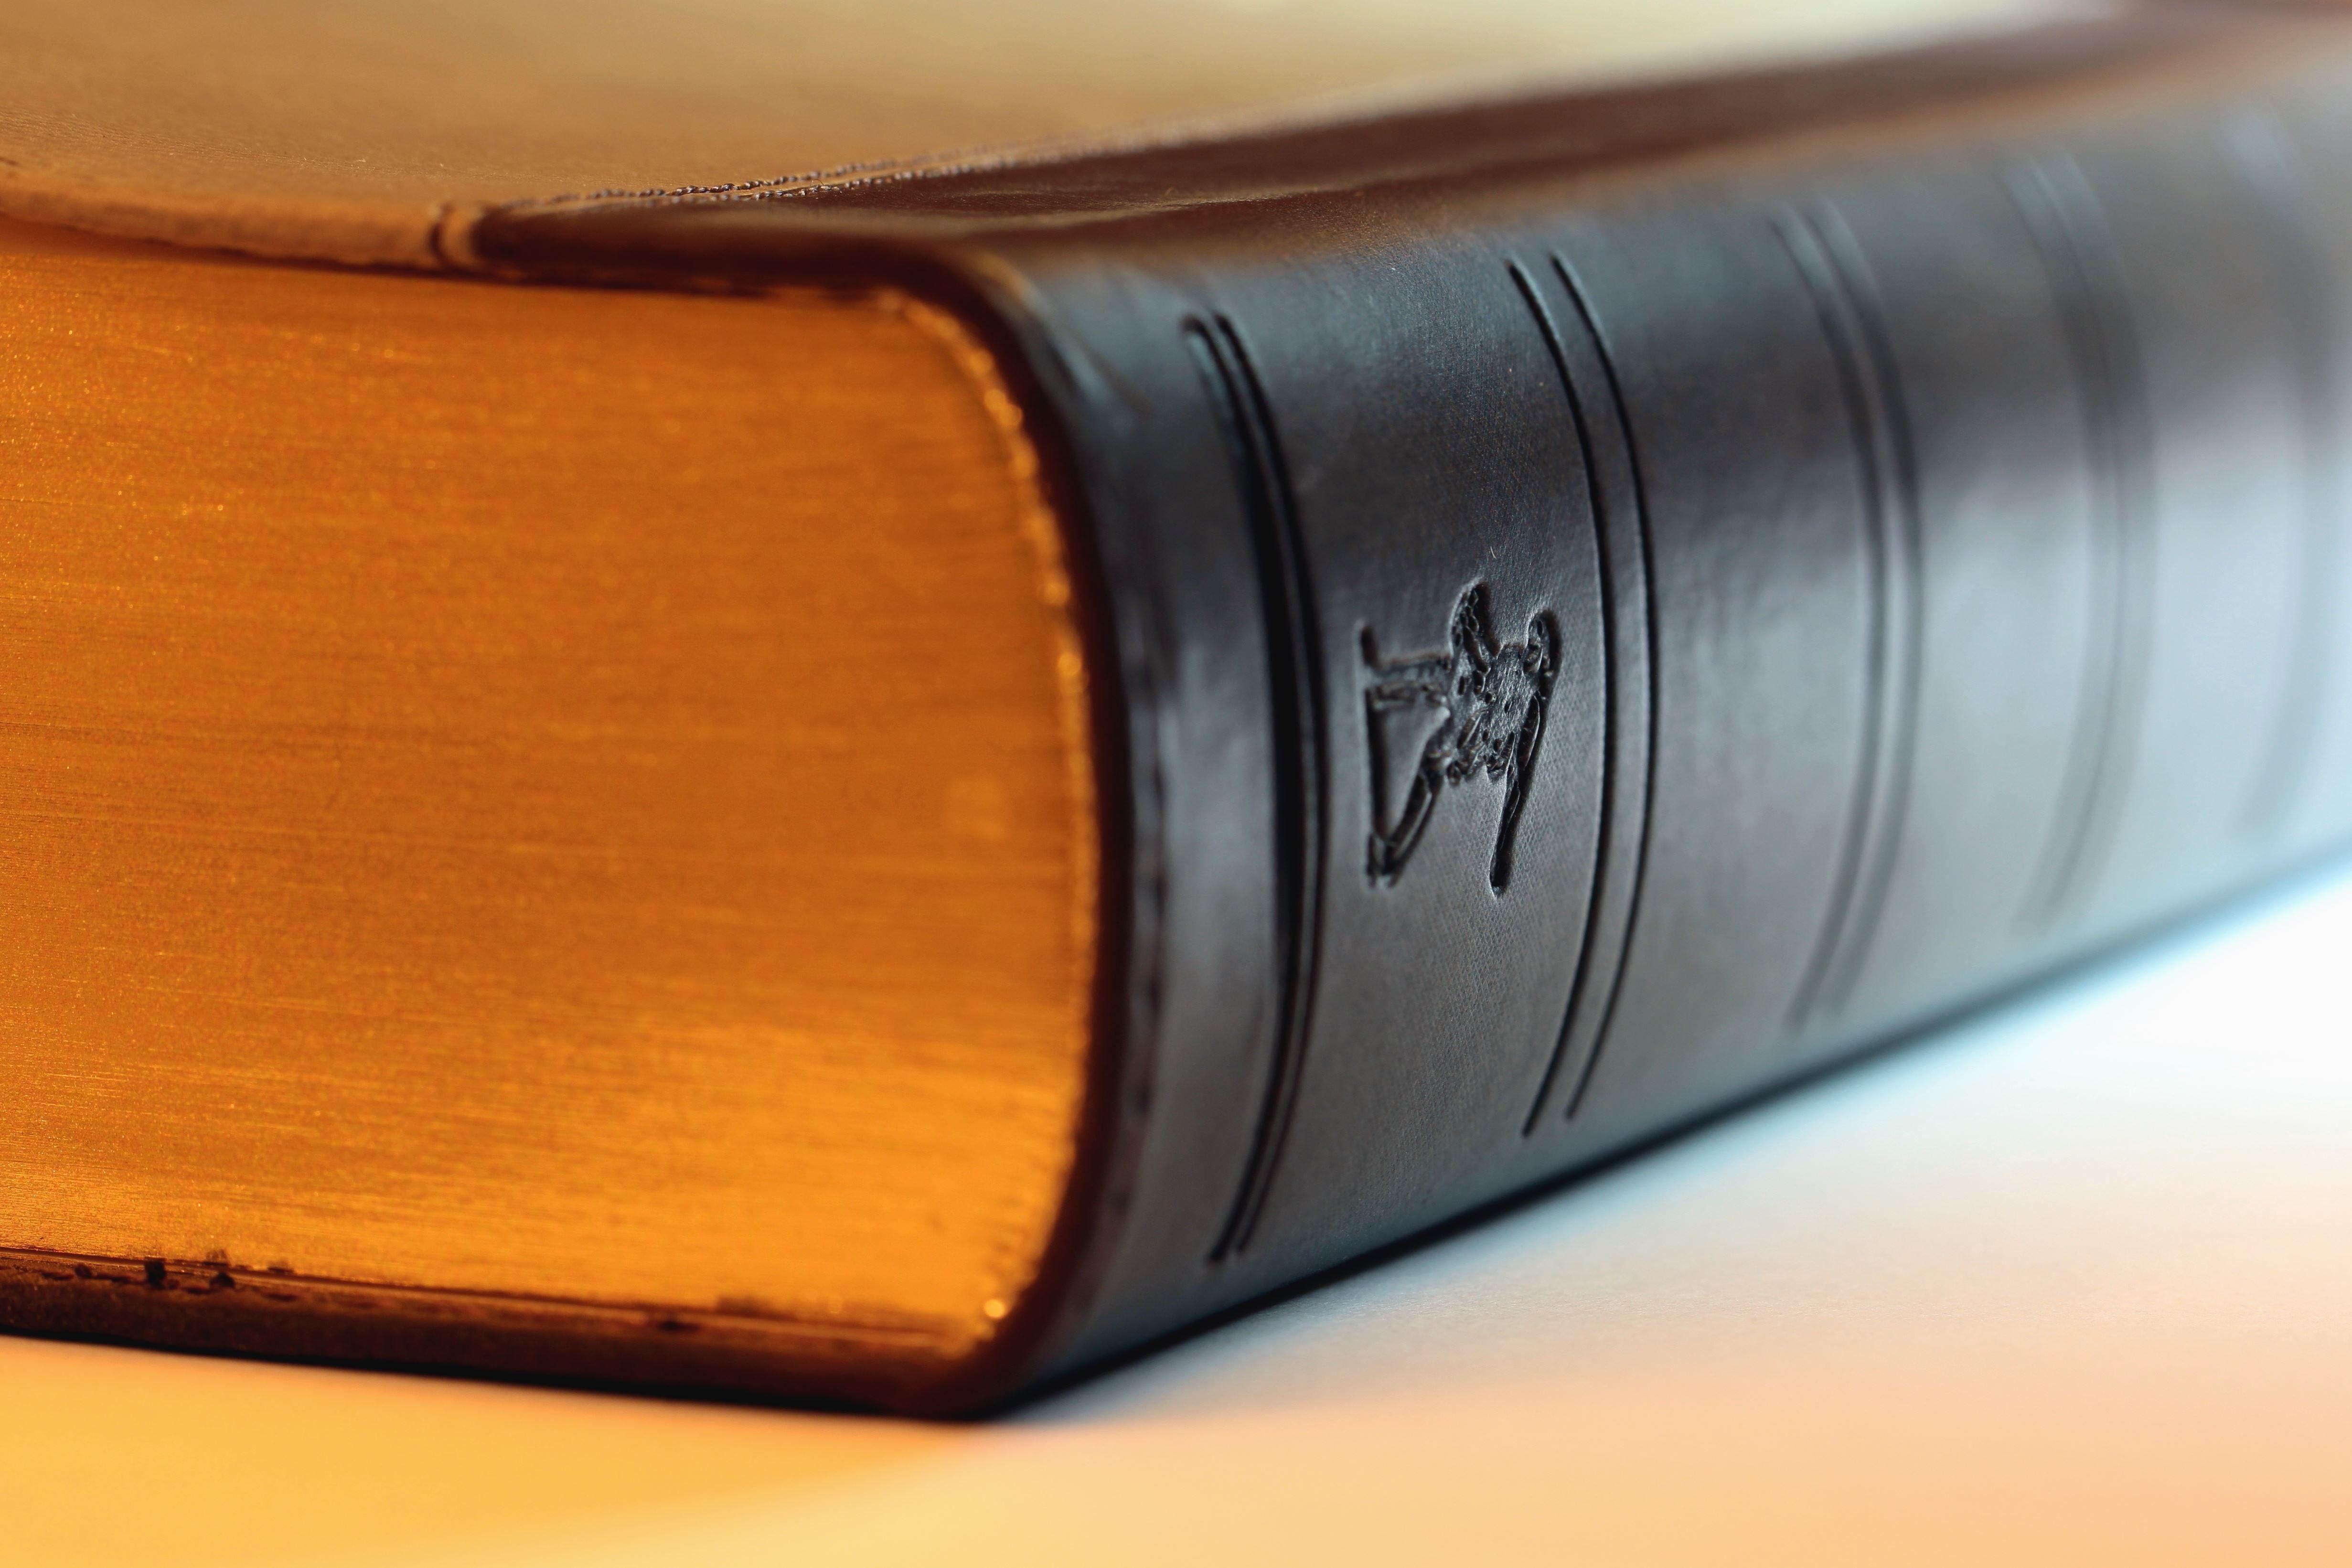 7c7d5bf6d Bezplatný obrázok: kniha, kože, papiera, vedomosti, učenie